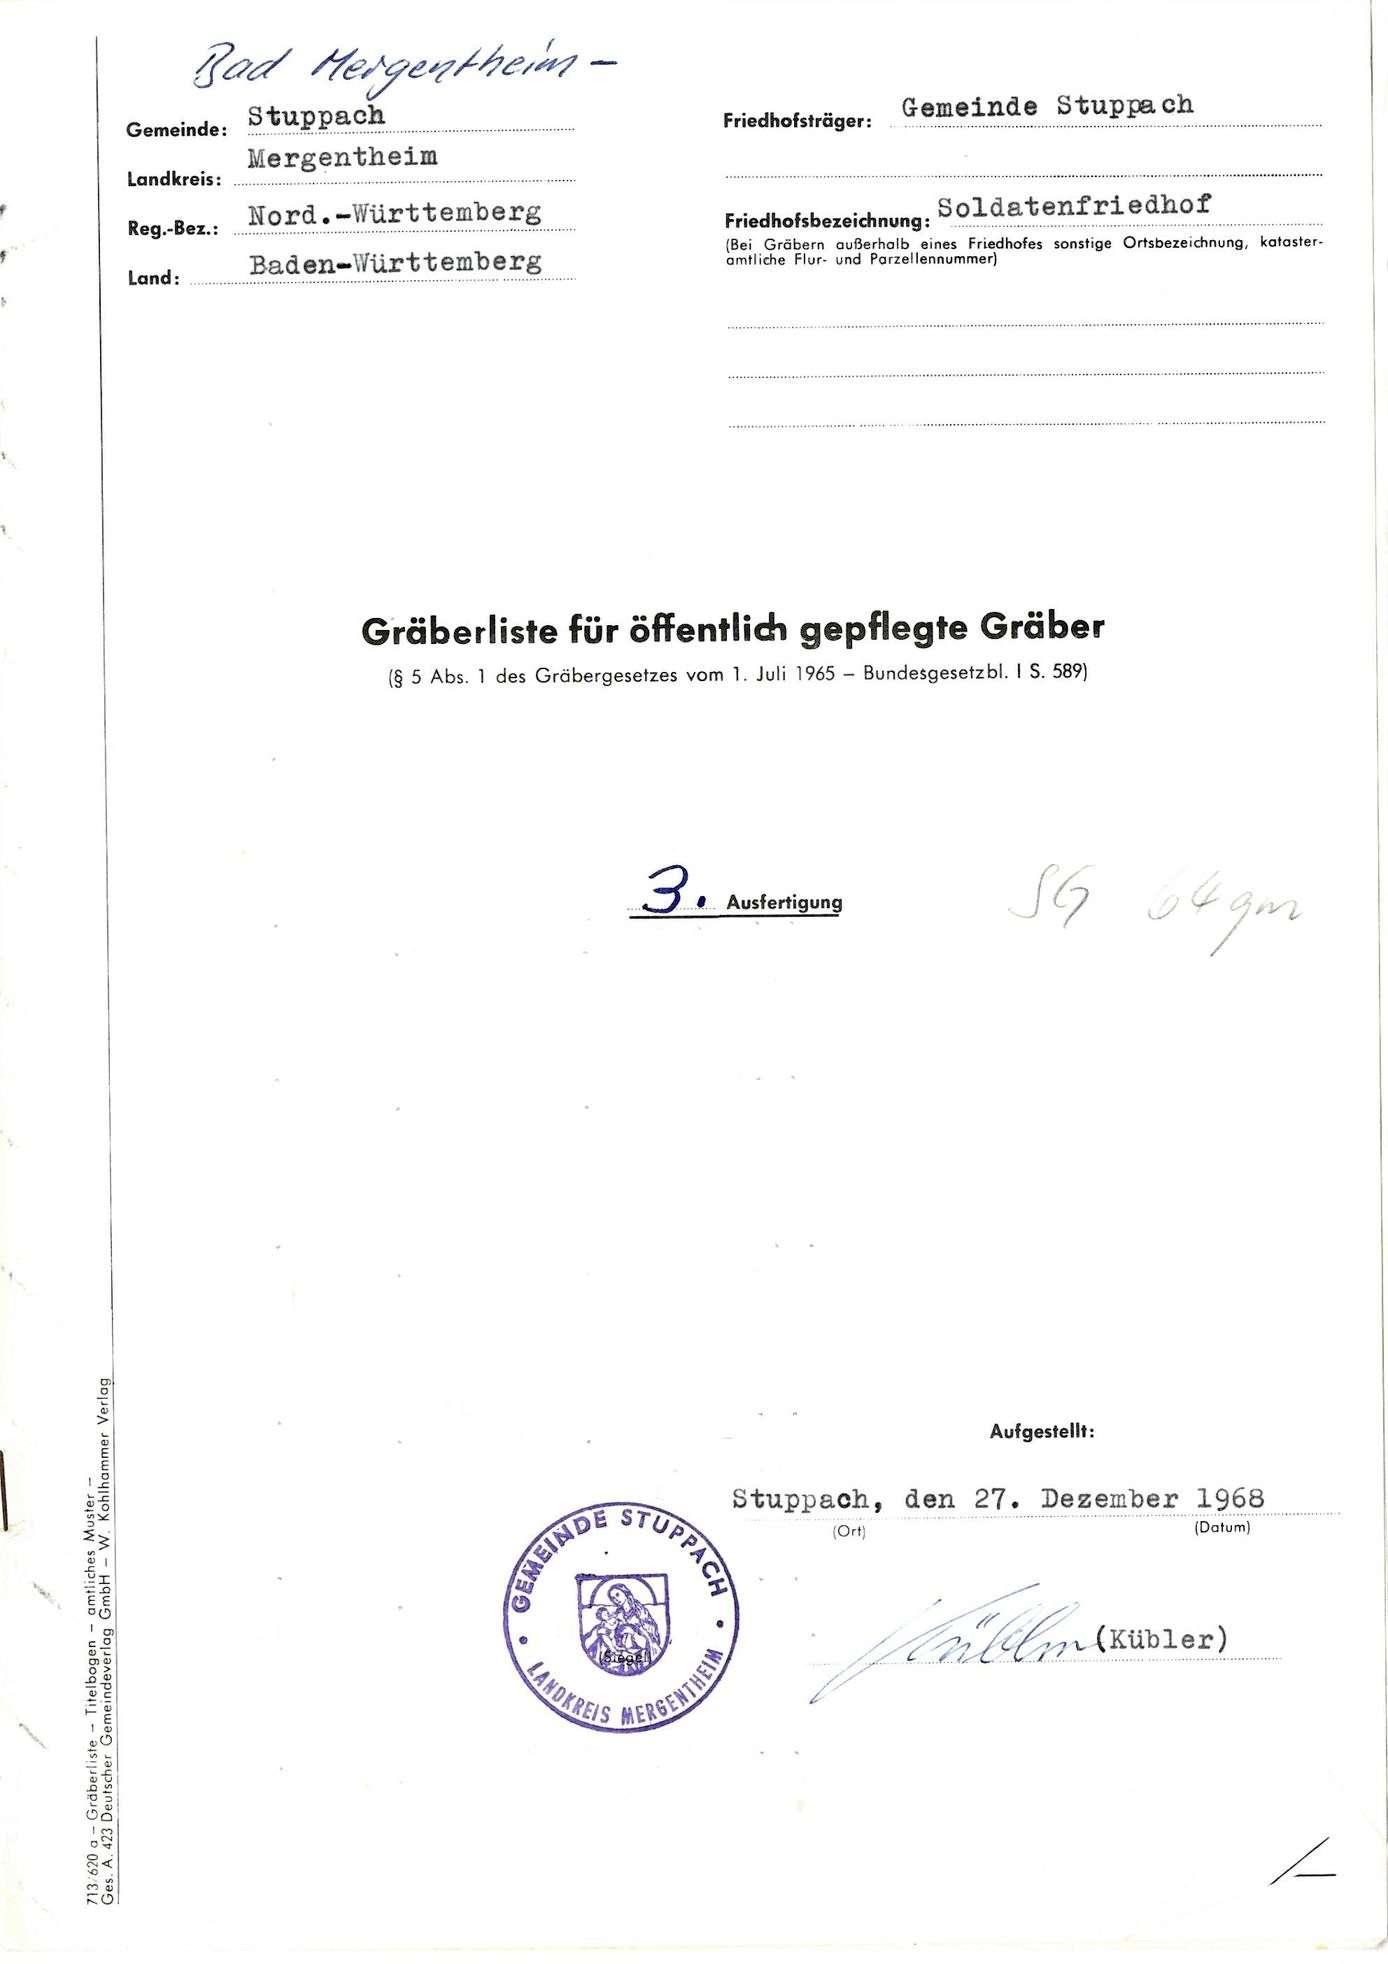 Stuppach, Bild 1